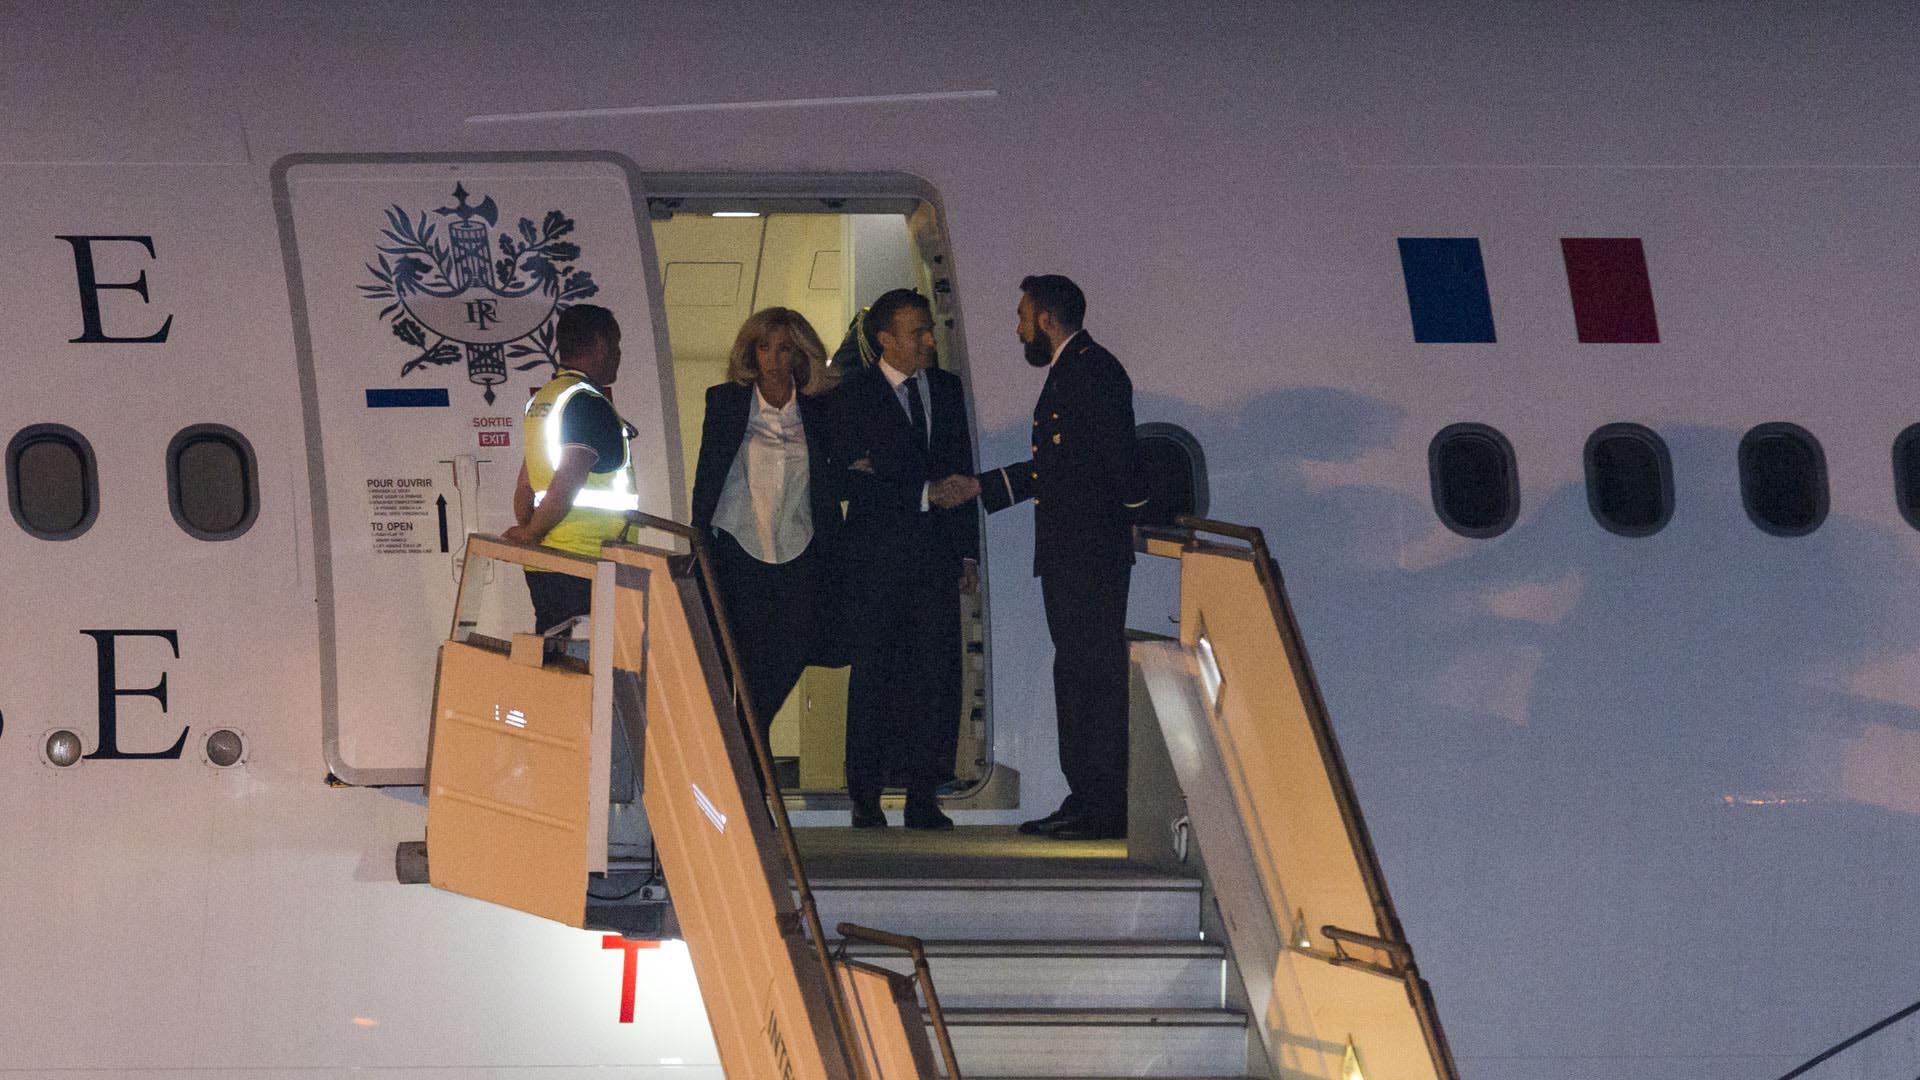 El presidente de Francia Emmanuel Macron llegó el jueves a la noche